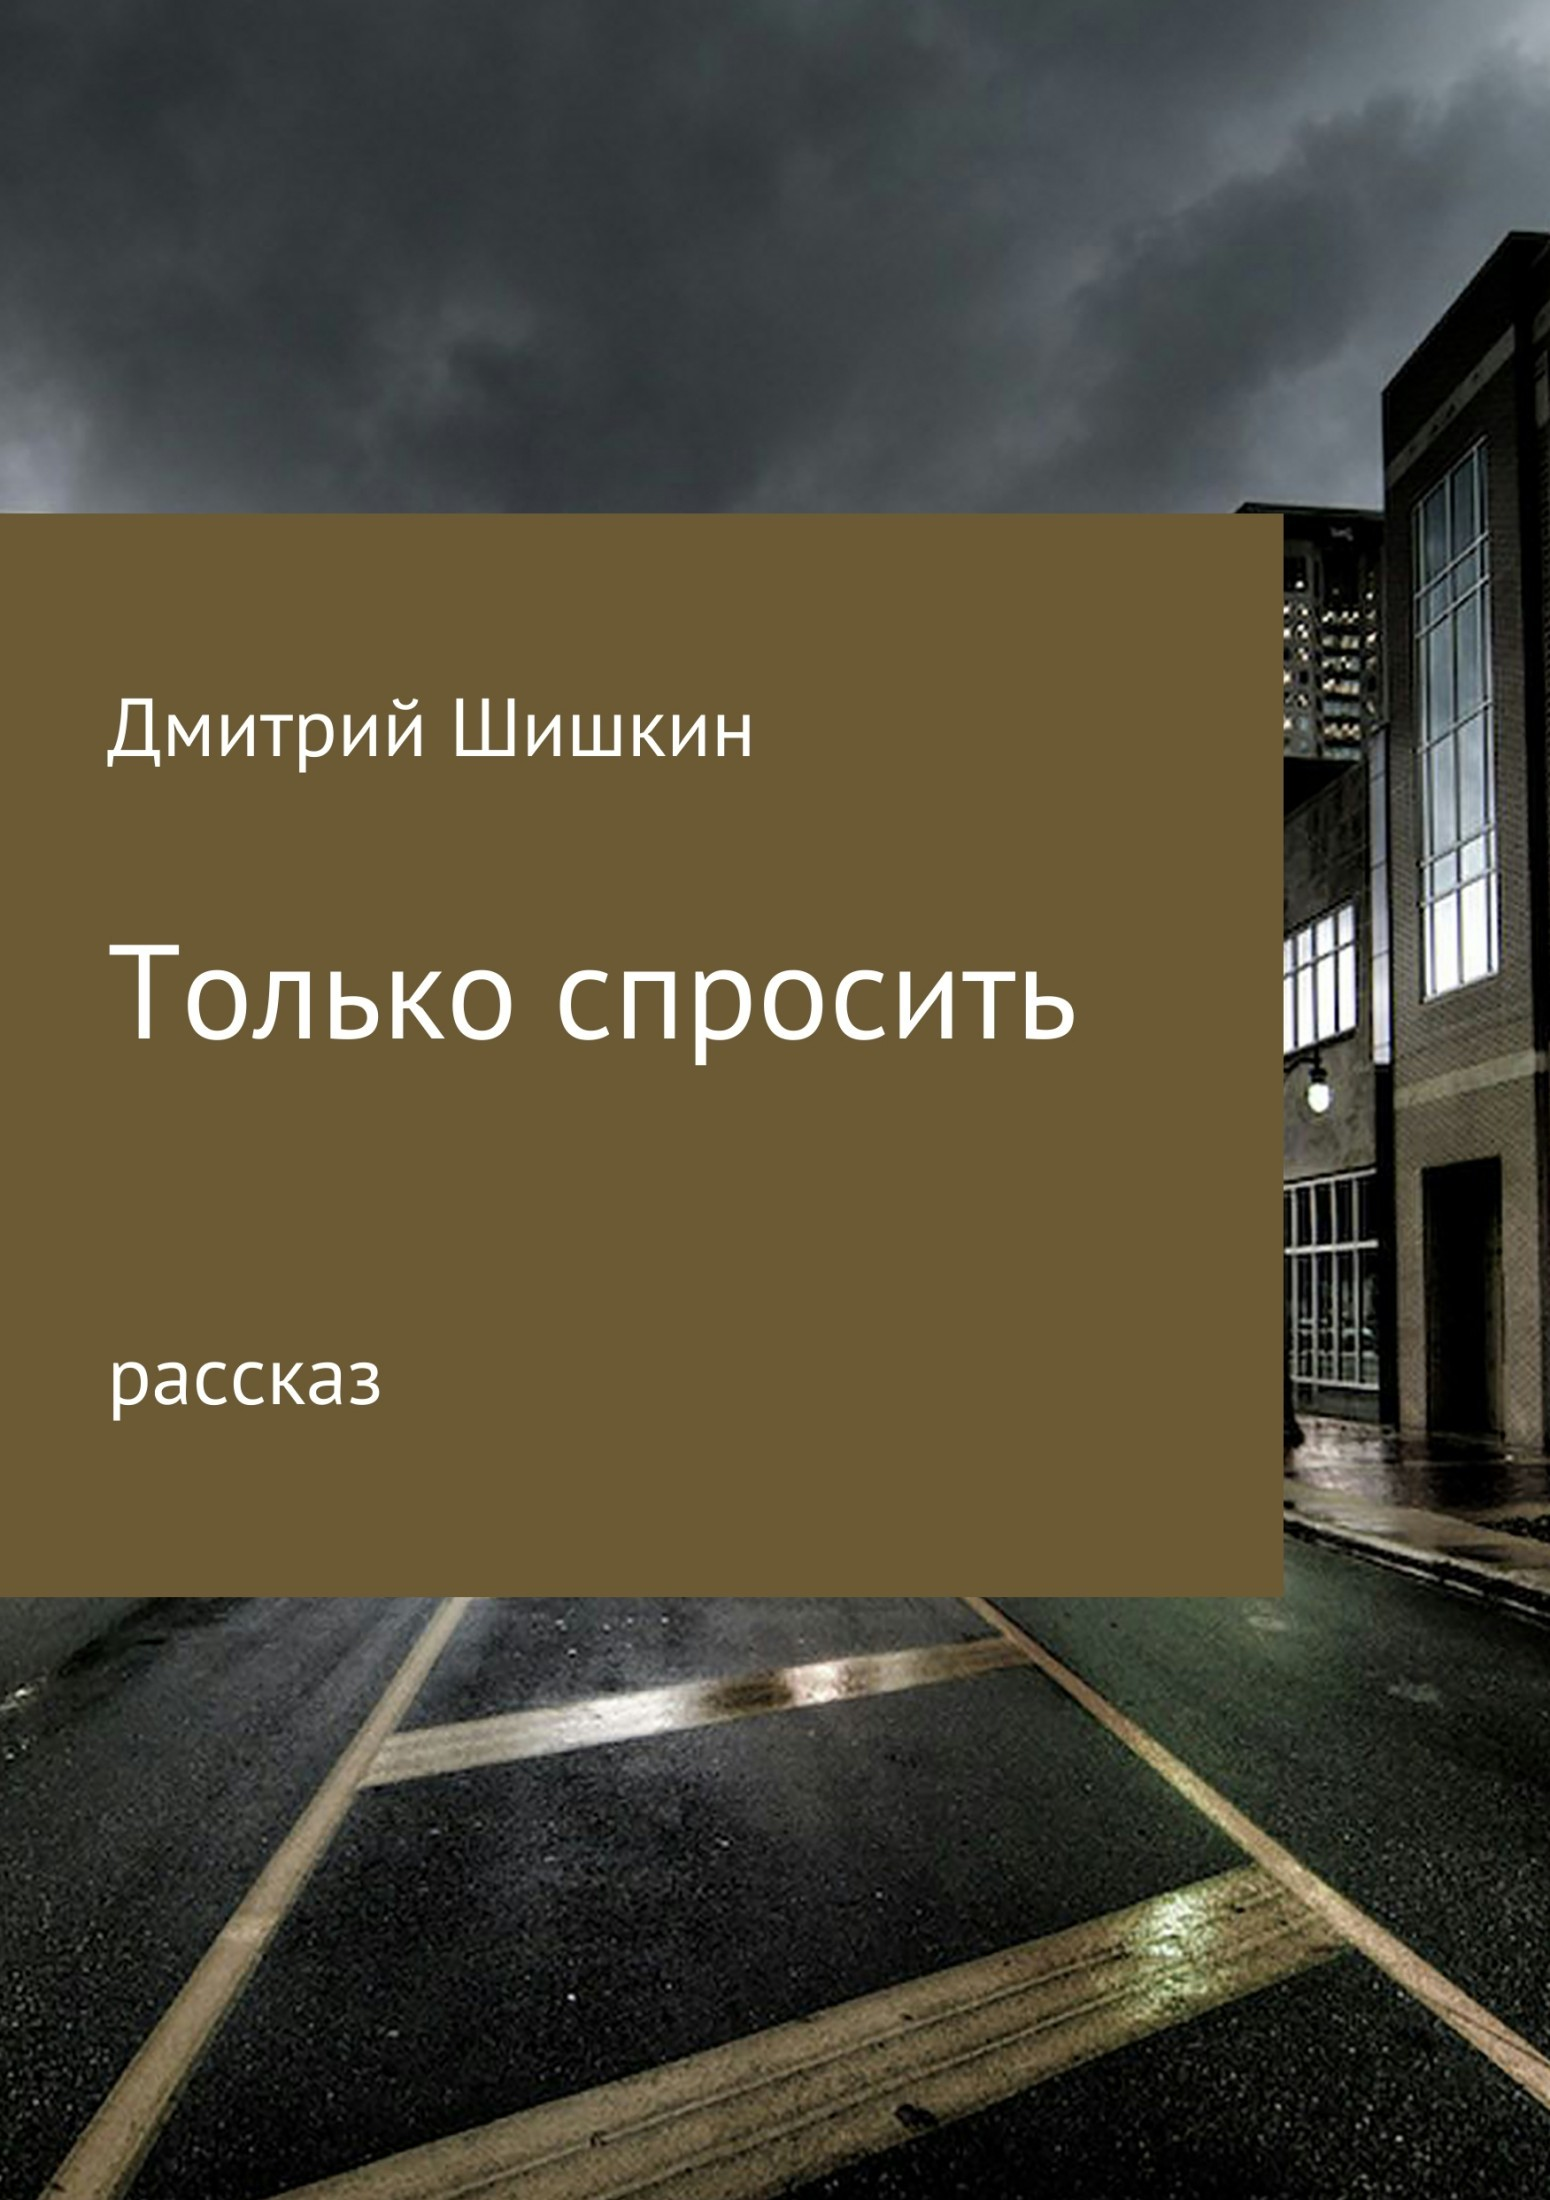 Дмитрий Павлович Шишкин. Только спросить